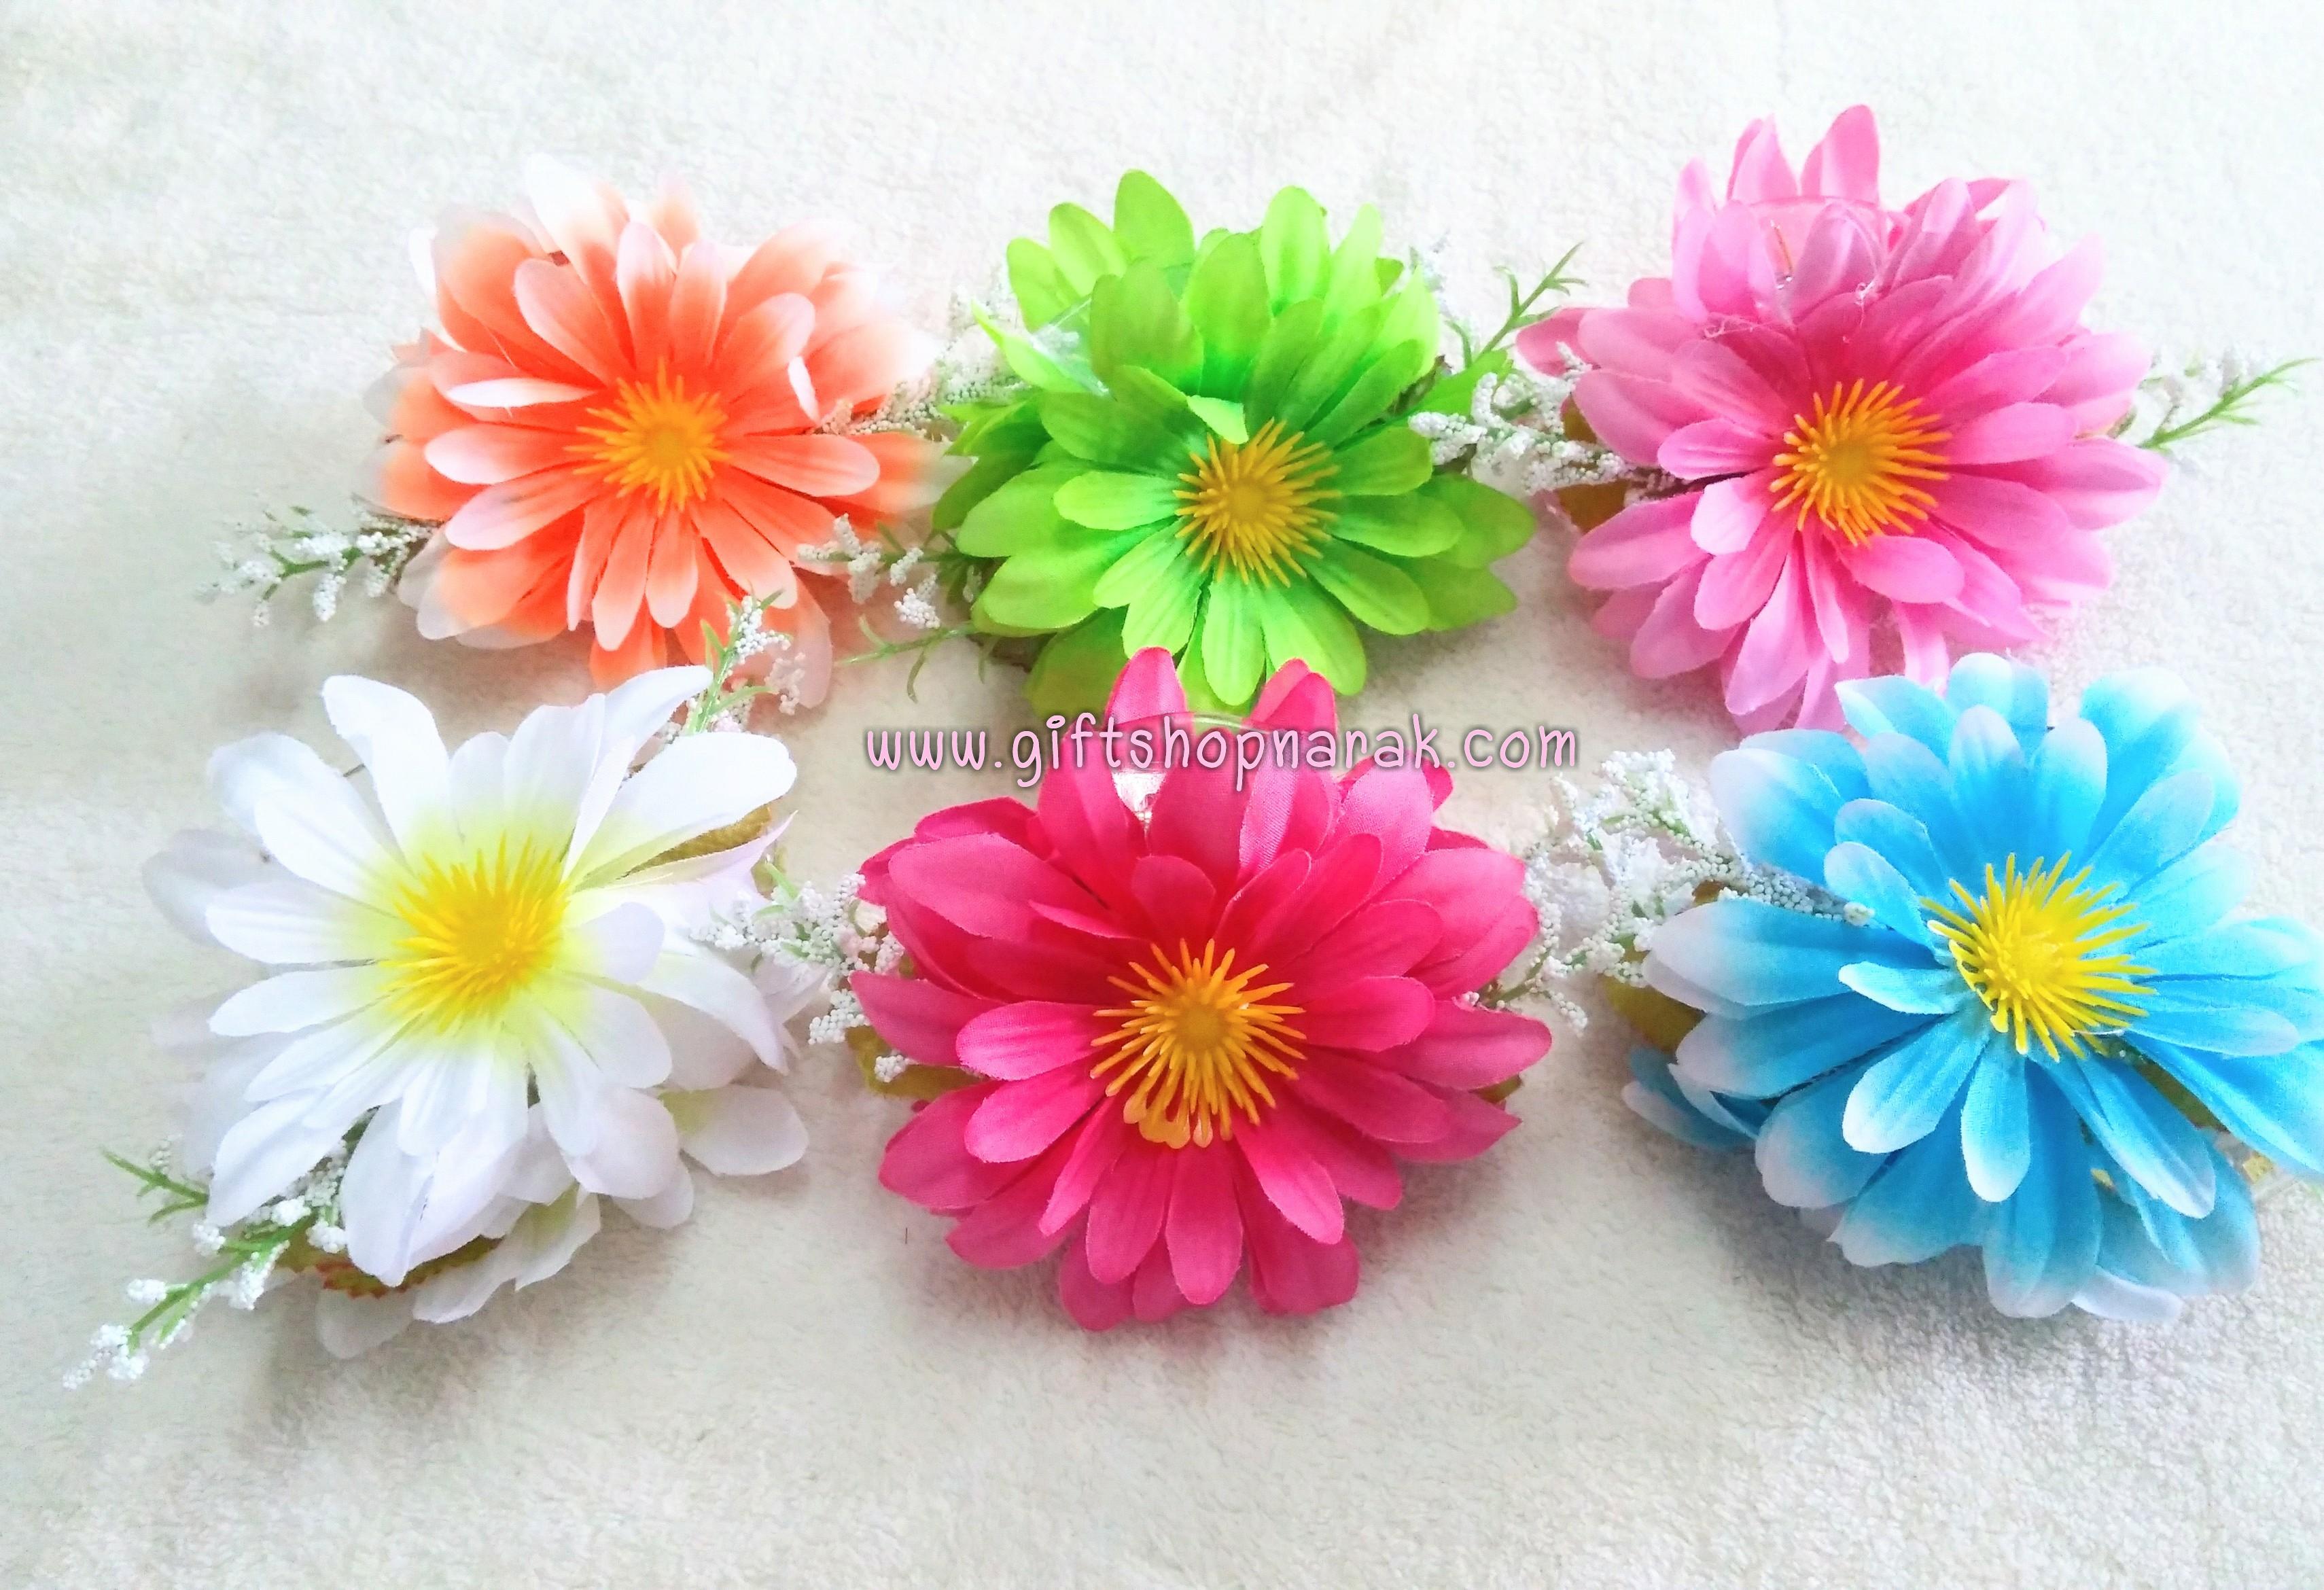 ที่หนีบผมดอกไม้